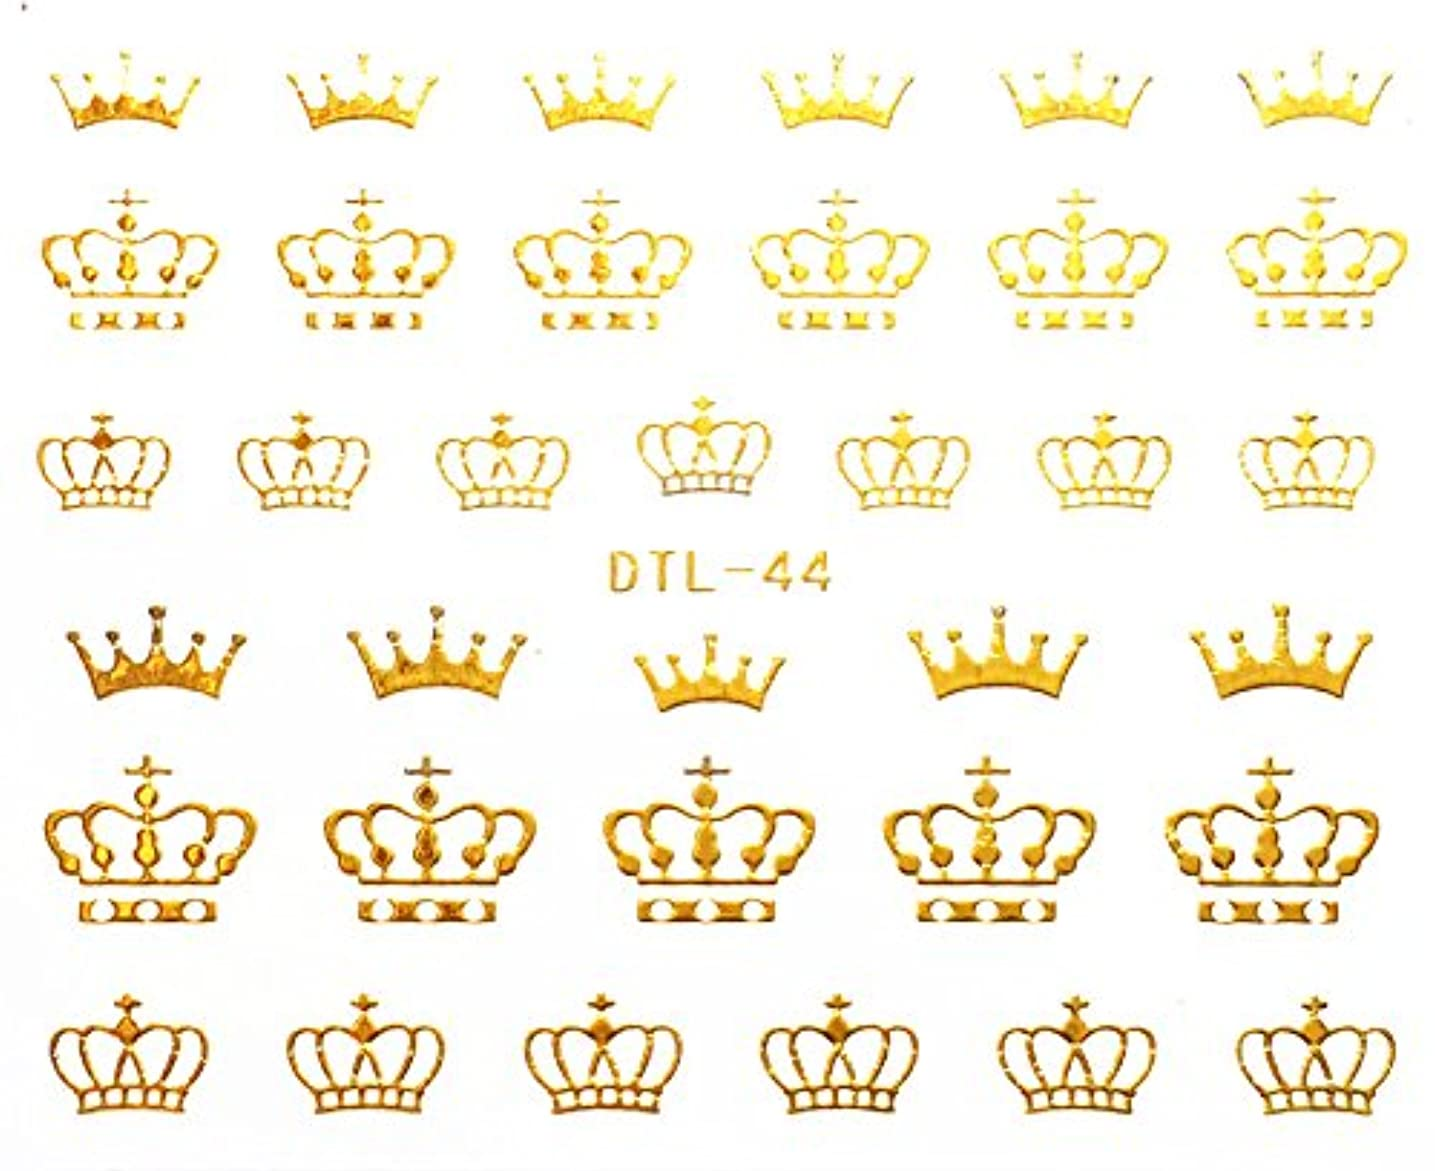 気候の山慣習海嶺ネイルアート3Dデカルステッカー ネイルステッカータトゥー ネイル用シール?ステッカー 王冠 - DTL044 - StickerCollection